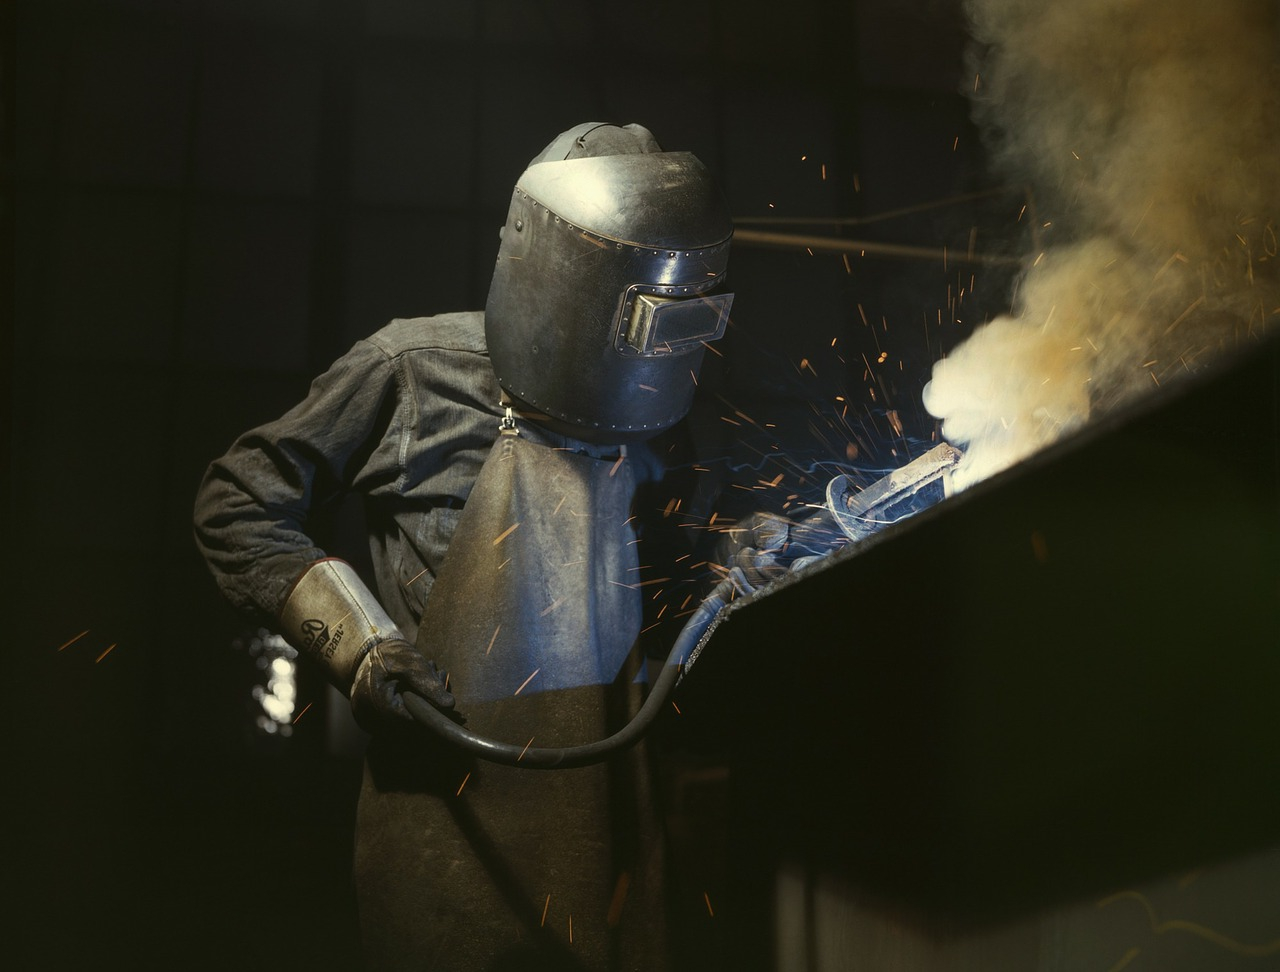 weld-60584_1280-e1452615067827